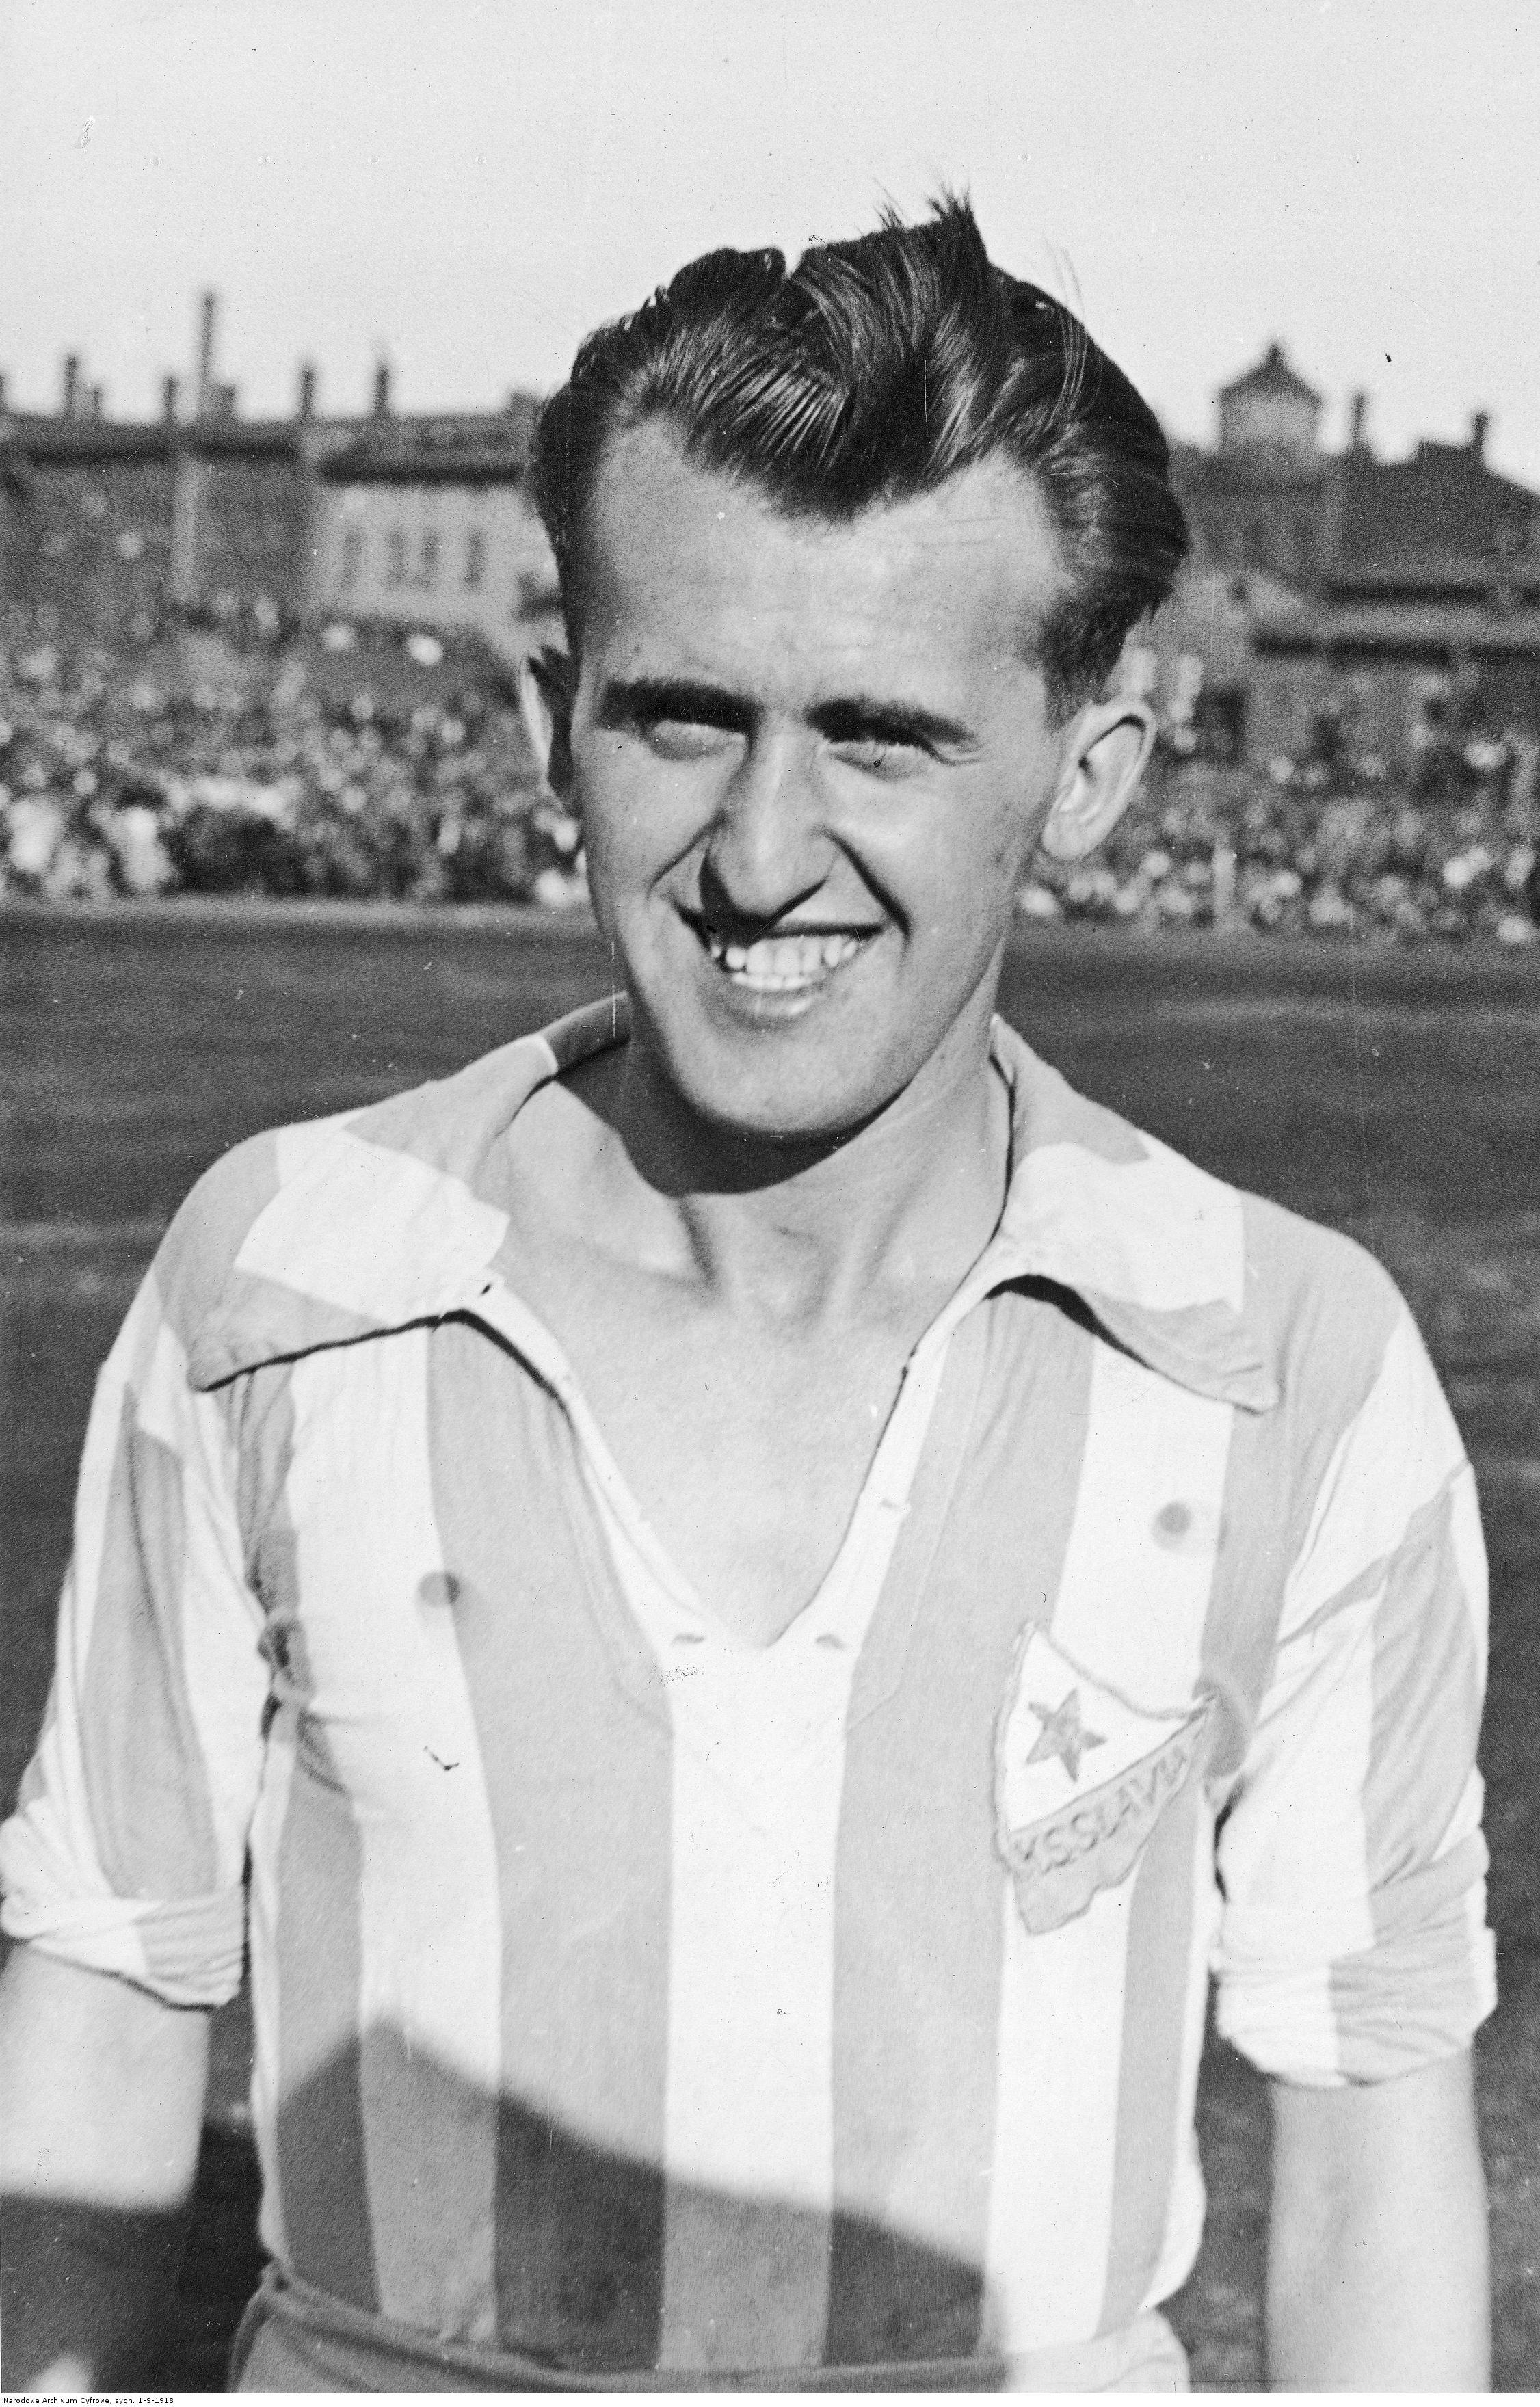 W 1934 r. doWielkich Hajduk przyjechała lwowska Pogoń. Gospodarze wystąpili wkoszulkach Slavii Ruda Śląska, choć dziś już trudno dociec dlaczego; źródło: Narodowe Archiwum Cyfrowe